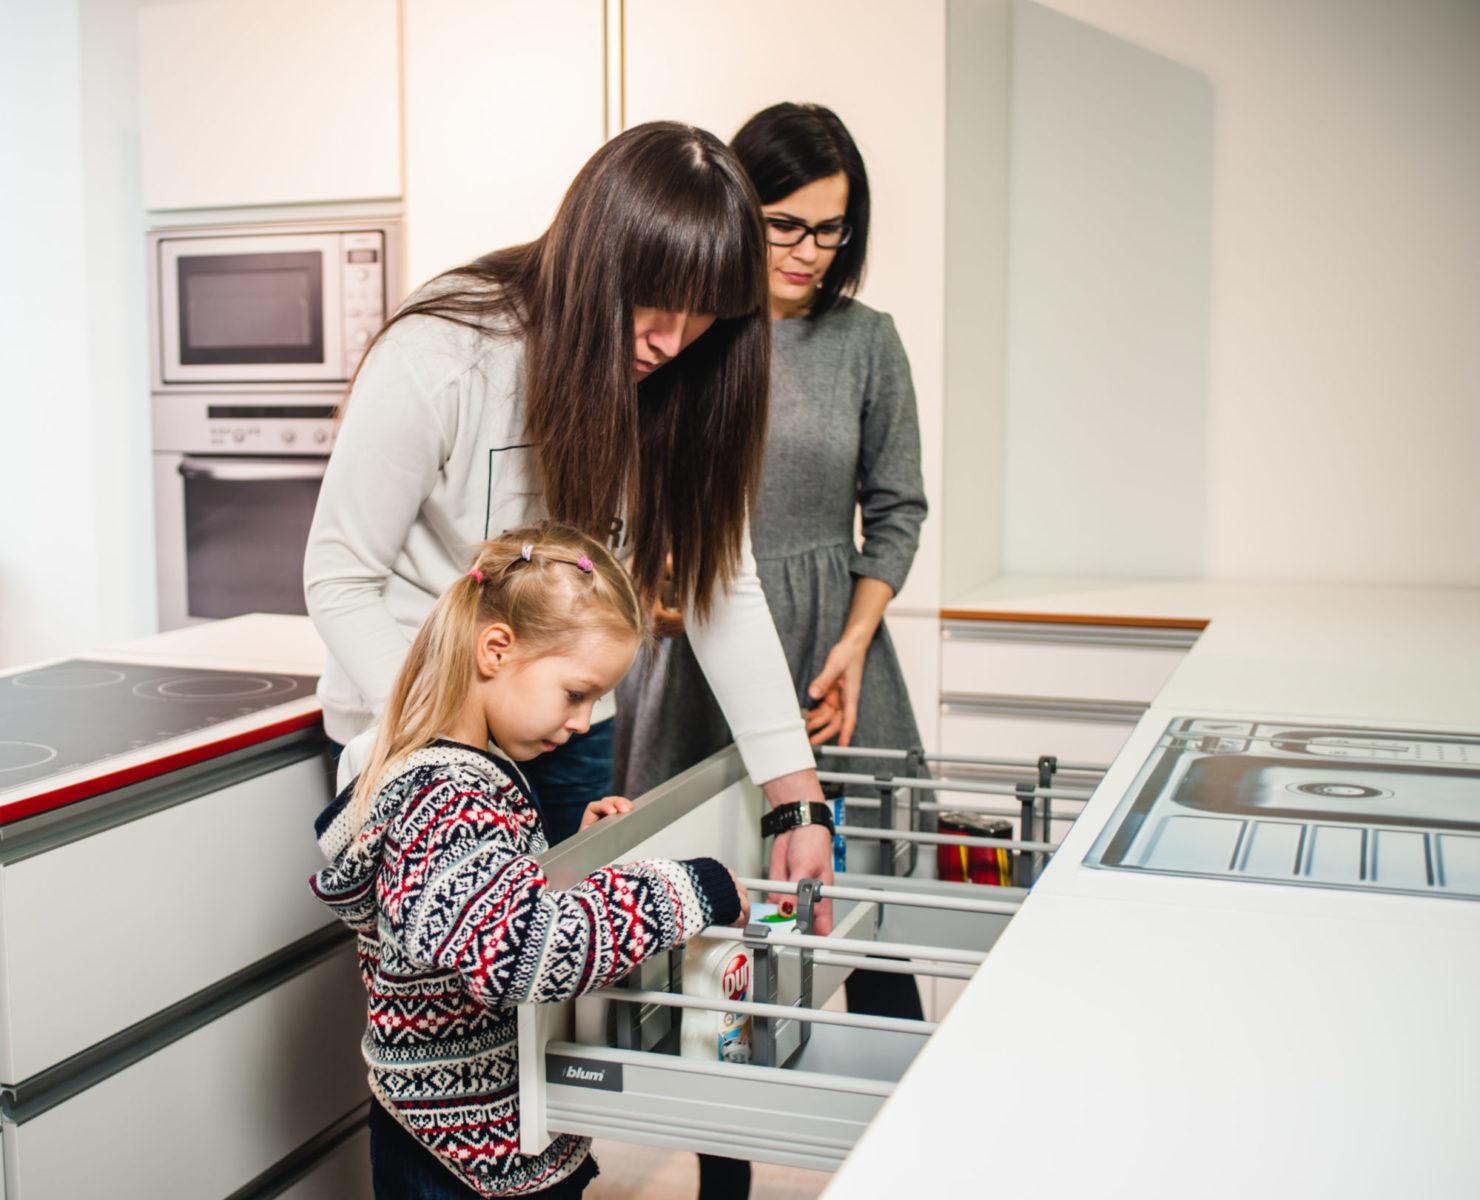 На тест-драйві виникне багато нових ідей, як облаштувати практичну кухню з фурнітурою Блюм